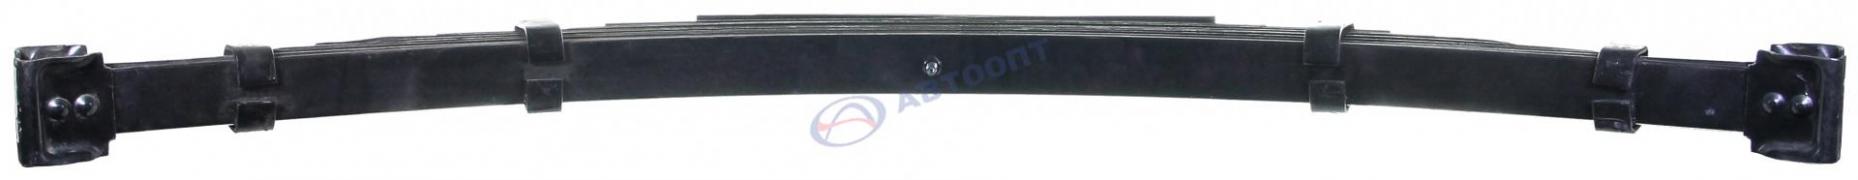 Рессора УАЗ задняя с чашками (3883-2912012) (г.Чусовой)